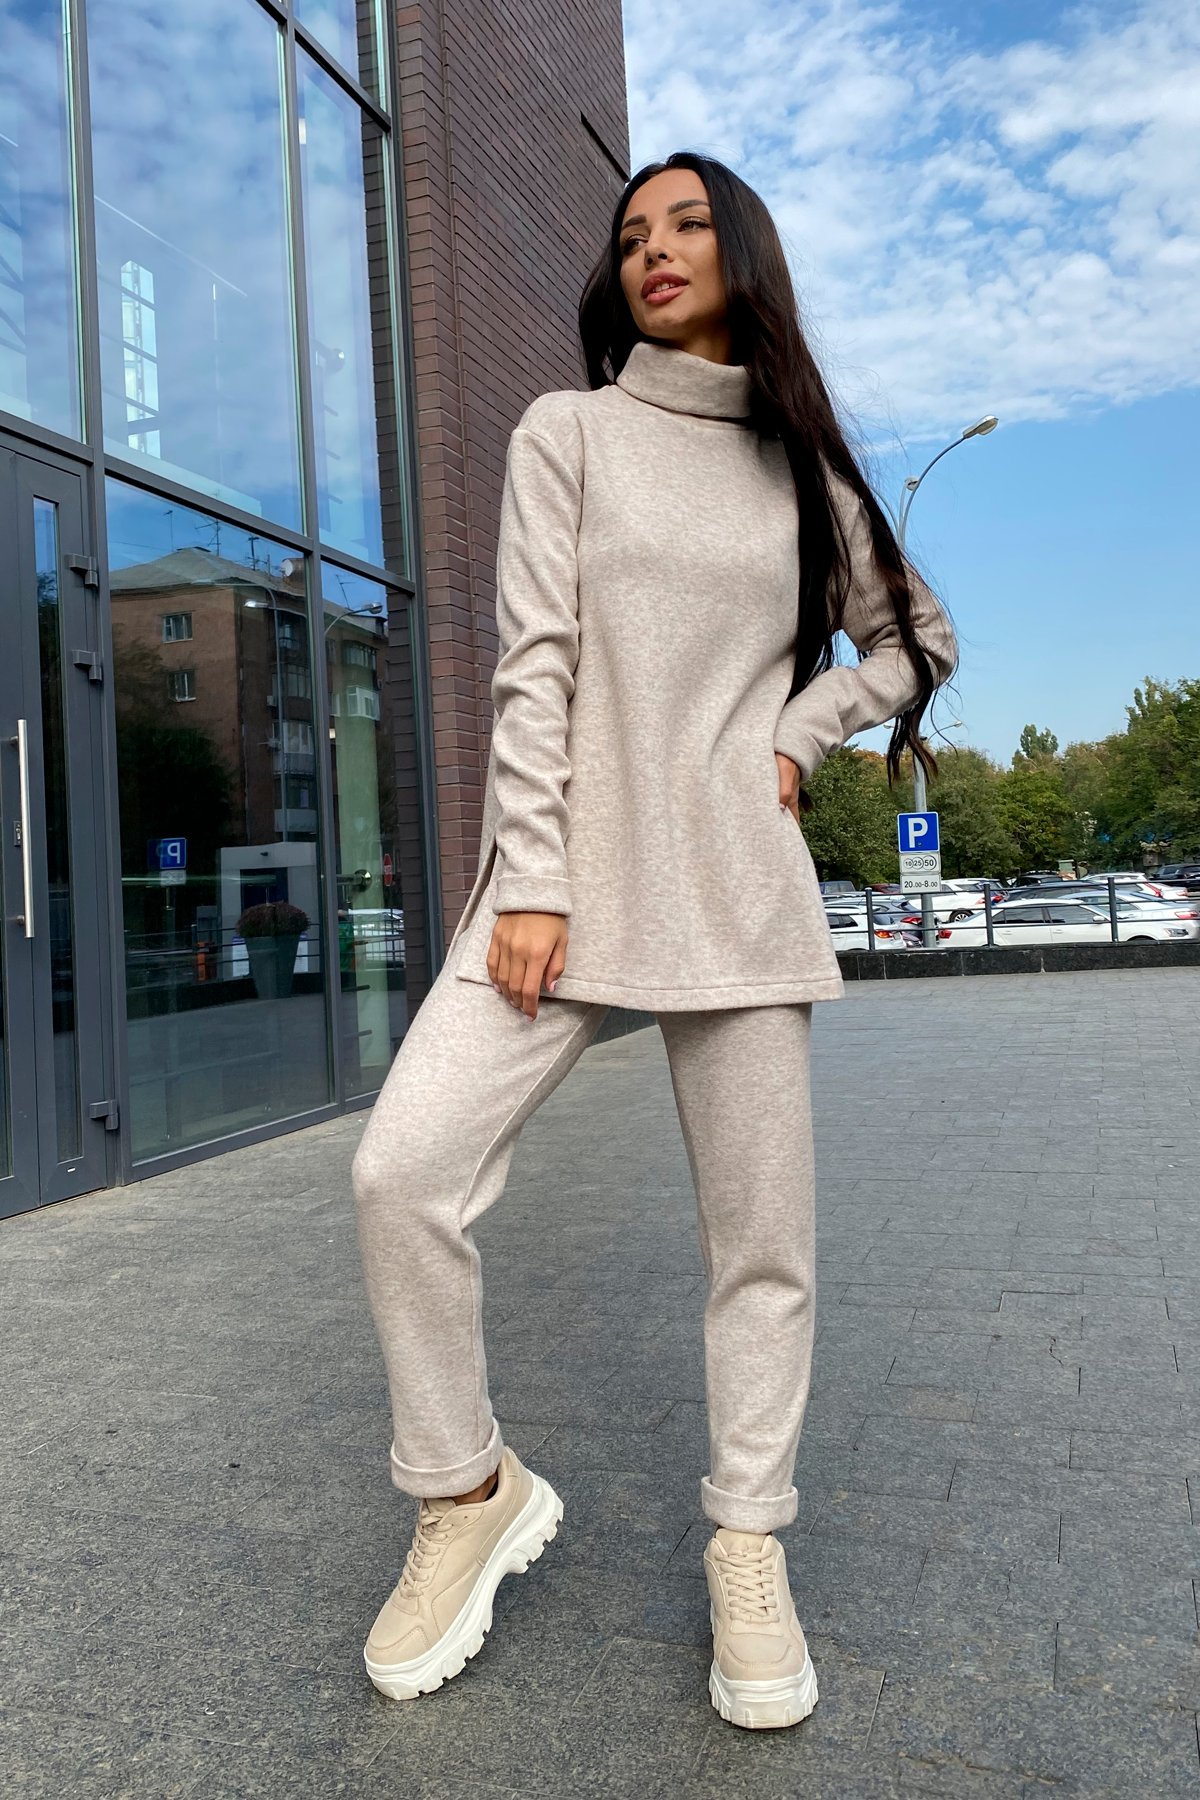 Люкс прогулочный костюм  из ангоры  9975 АРТ. 46263 Цвет: Бежевый 3 - фото 5, интернет магазин tm-modus.ru